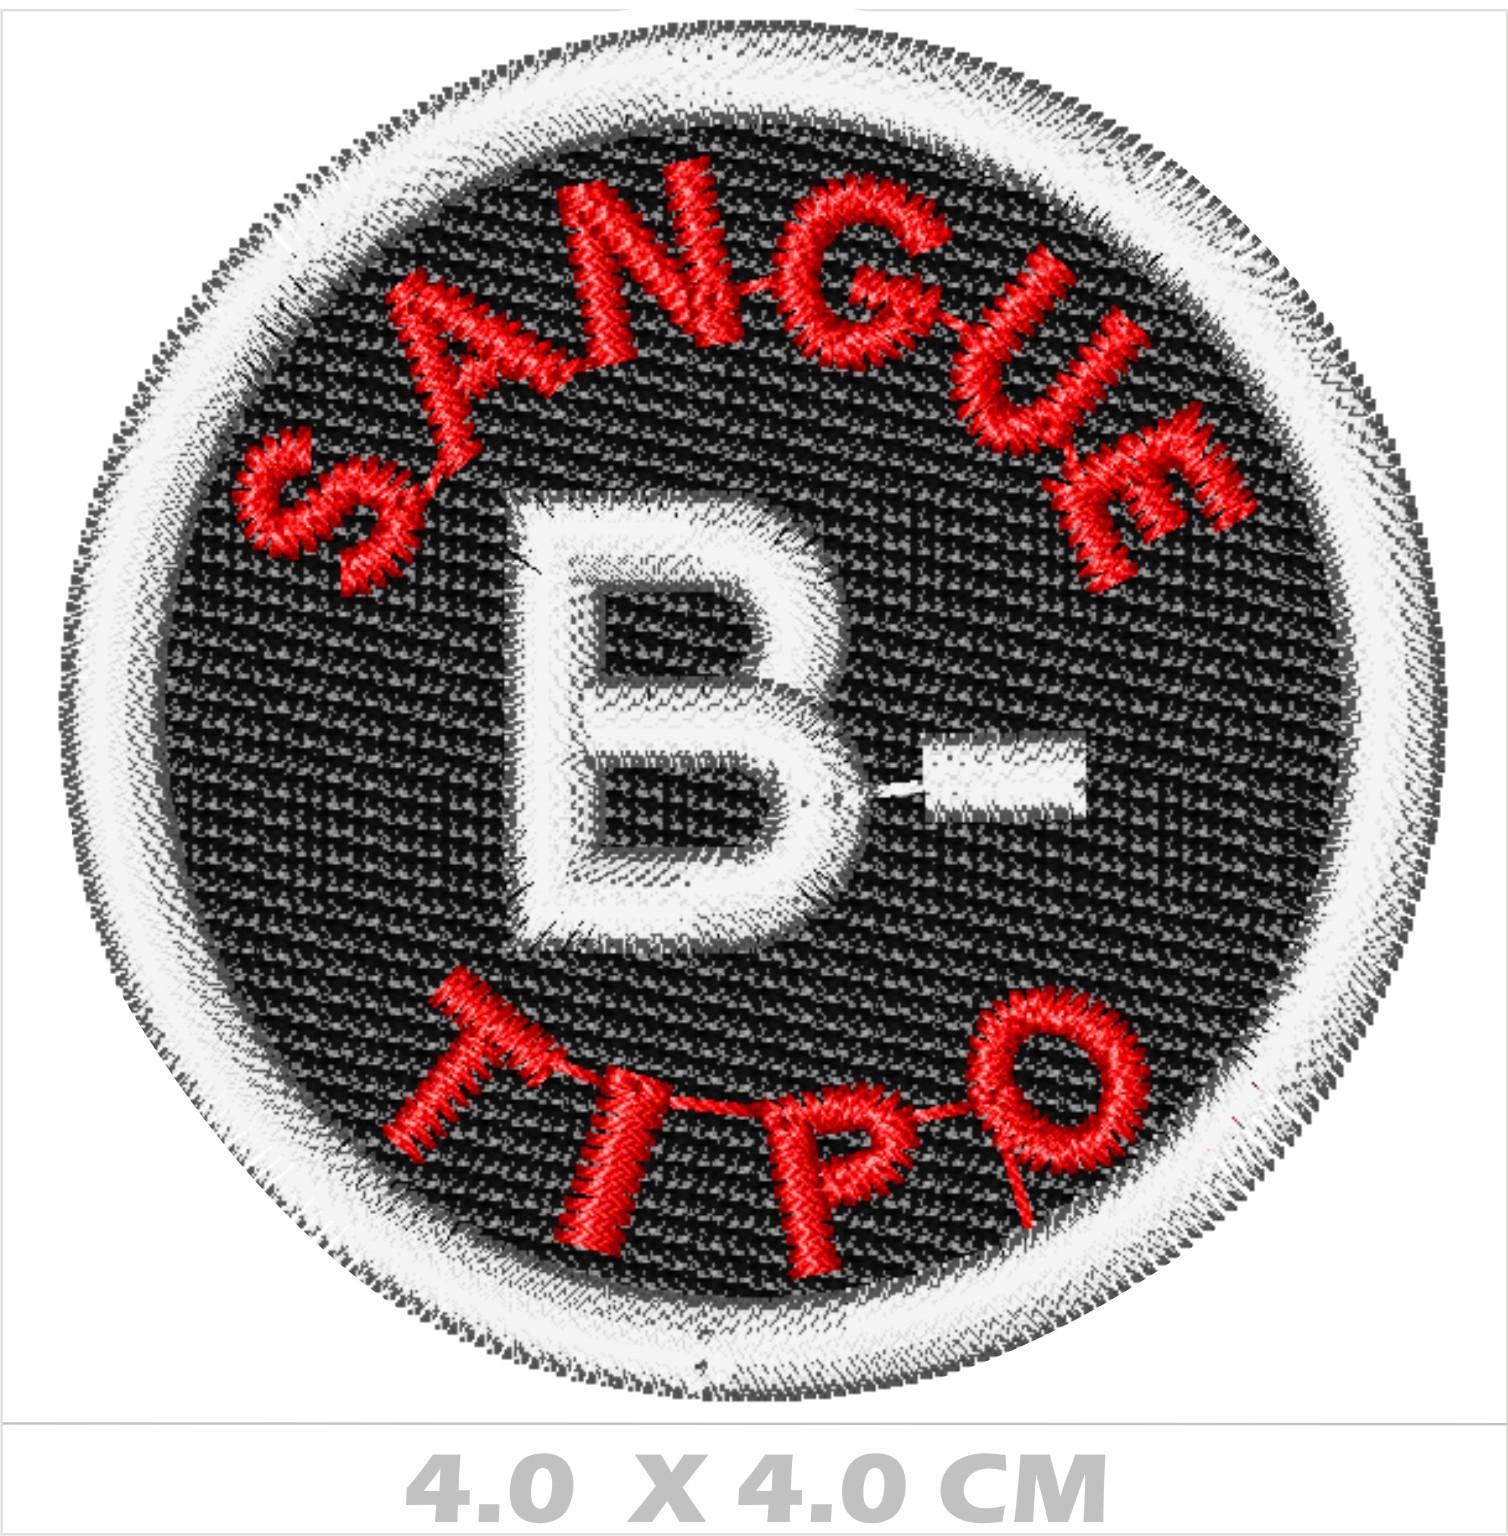 WA01-00002 - BORDADO  TIPO SANGUE REDONDO B-